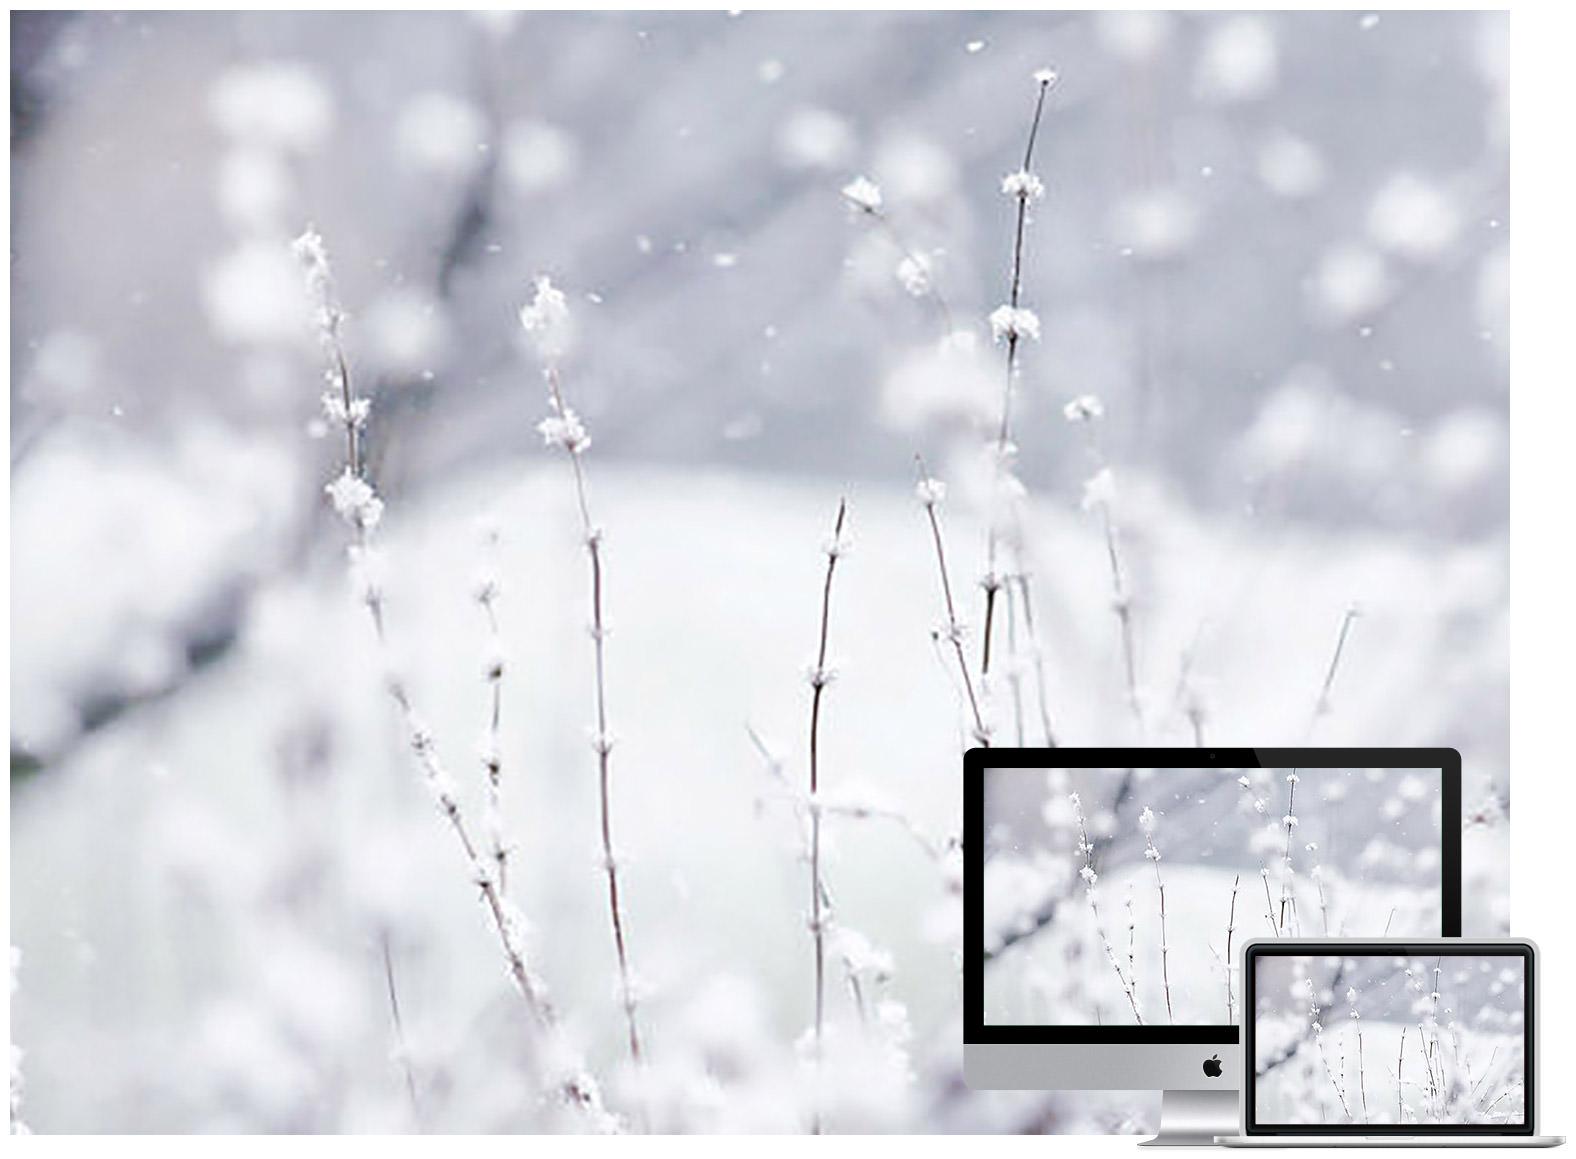 winter wonderland - Bộ ảnh nền mùa Đông đẹp dành cho máy tính